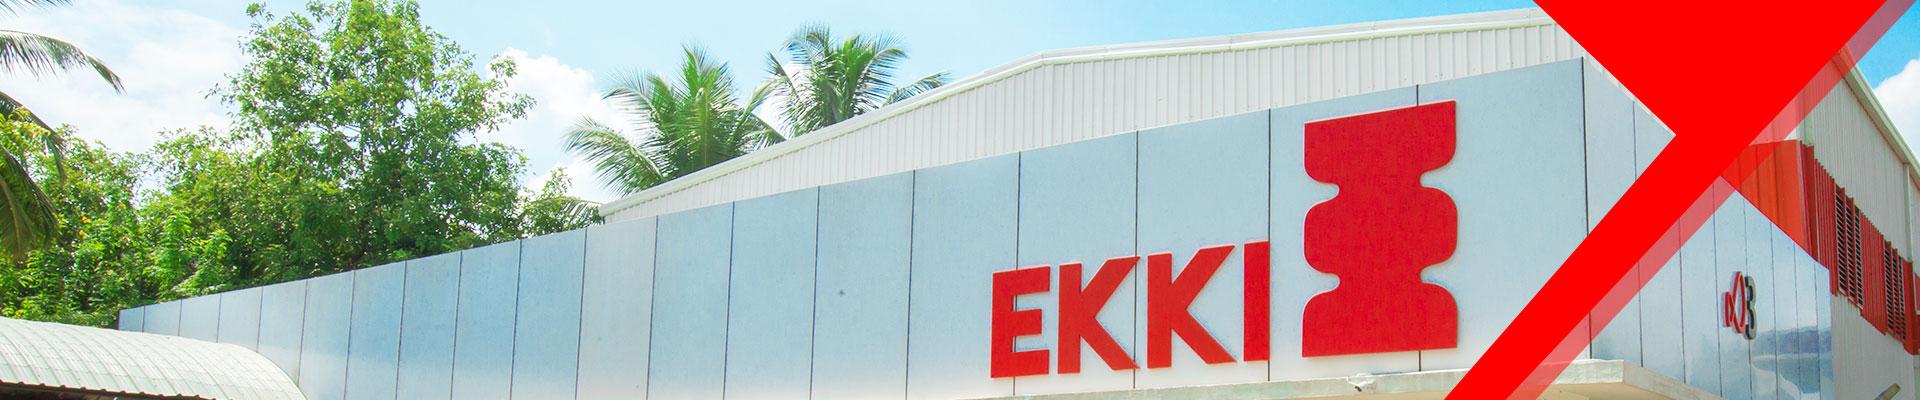 EKKI Group